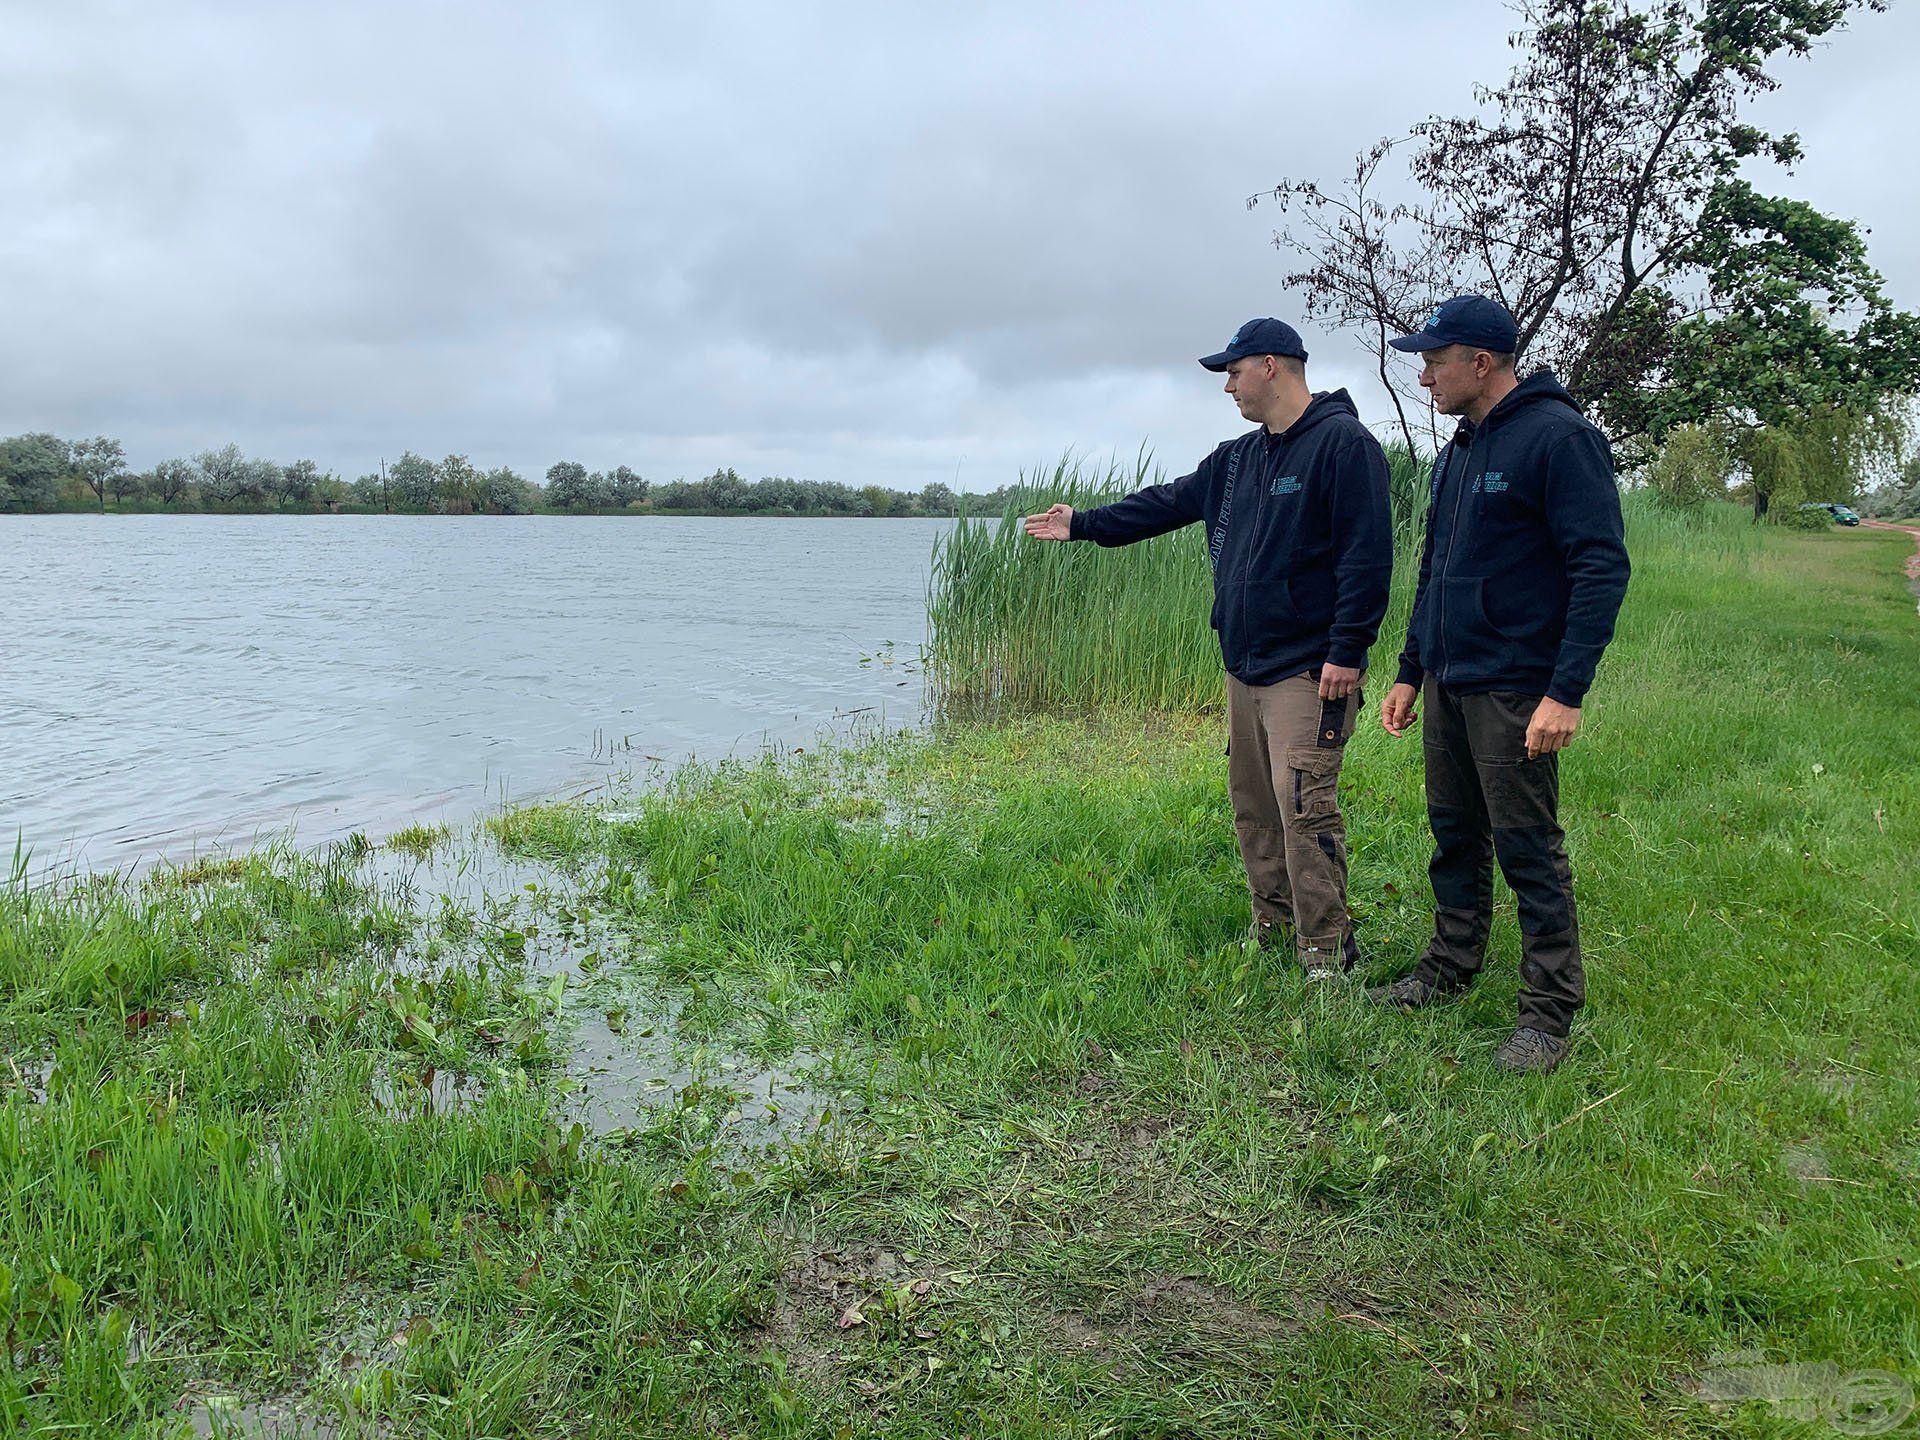 Soha nem horgásztam még itt, így a vízterületet jól ismerő Borbiró Ádám volt a segítségemre. A heves esőzések hatására a tó vízszintje megemelkedett, sőt egyes helyeken (mint például Ádám kedvelt helyén is) kilépett medréből